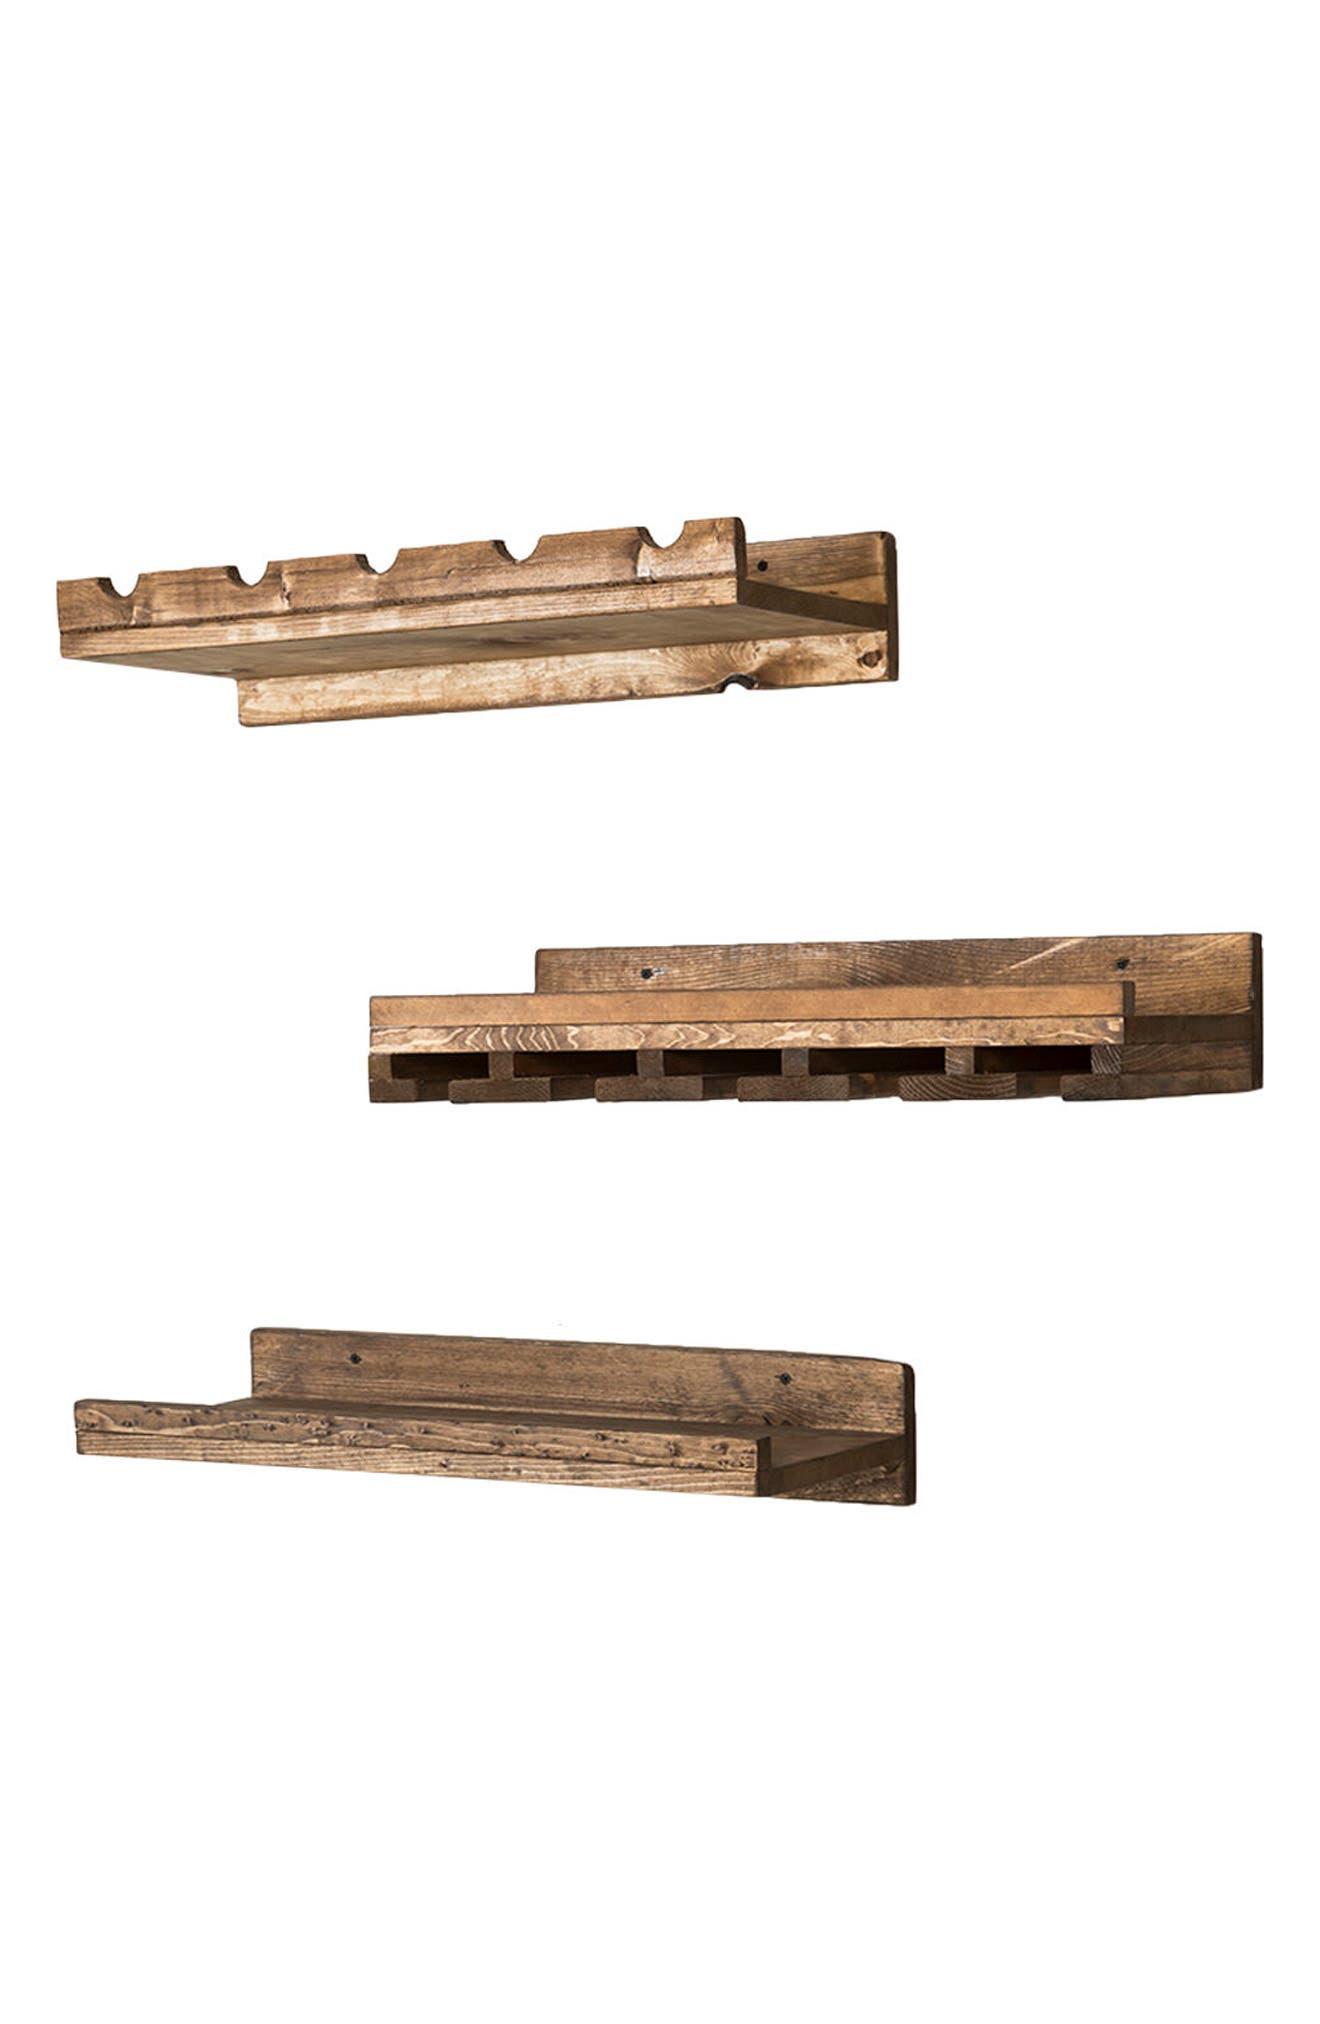 Set of 3 Pine Wood Wine Racks,                             Alternate thumbnail 6, color,                             Dark Walnut